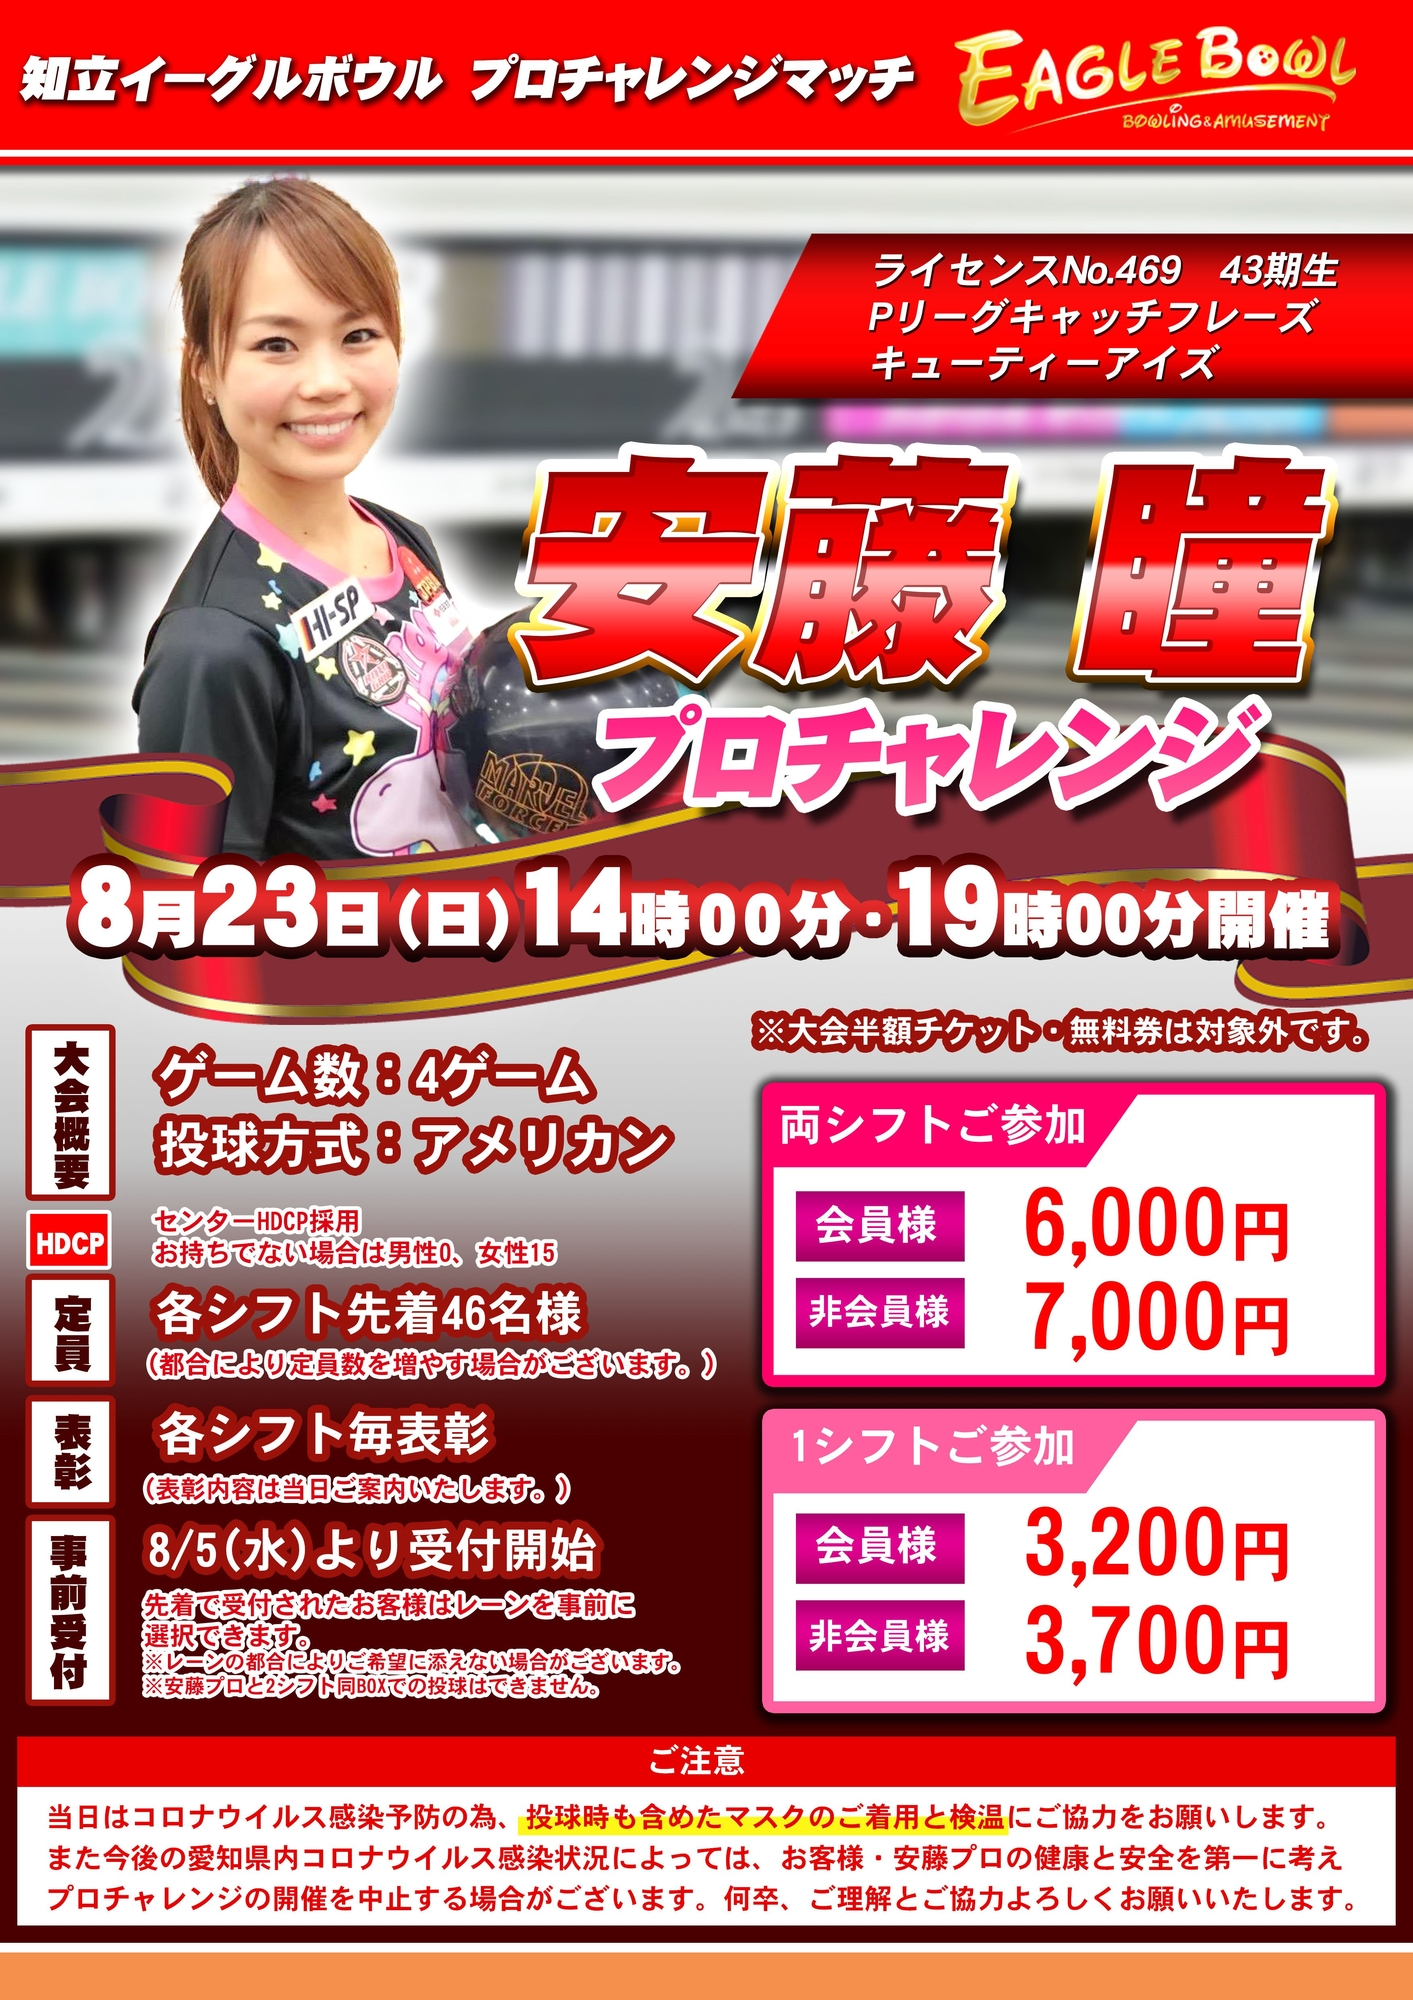 8/23 安藤瞳プロチャレンジ